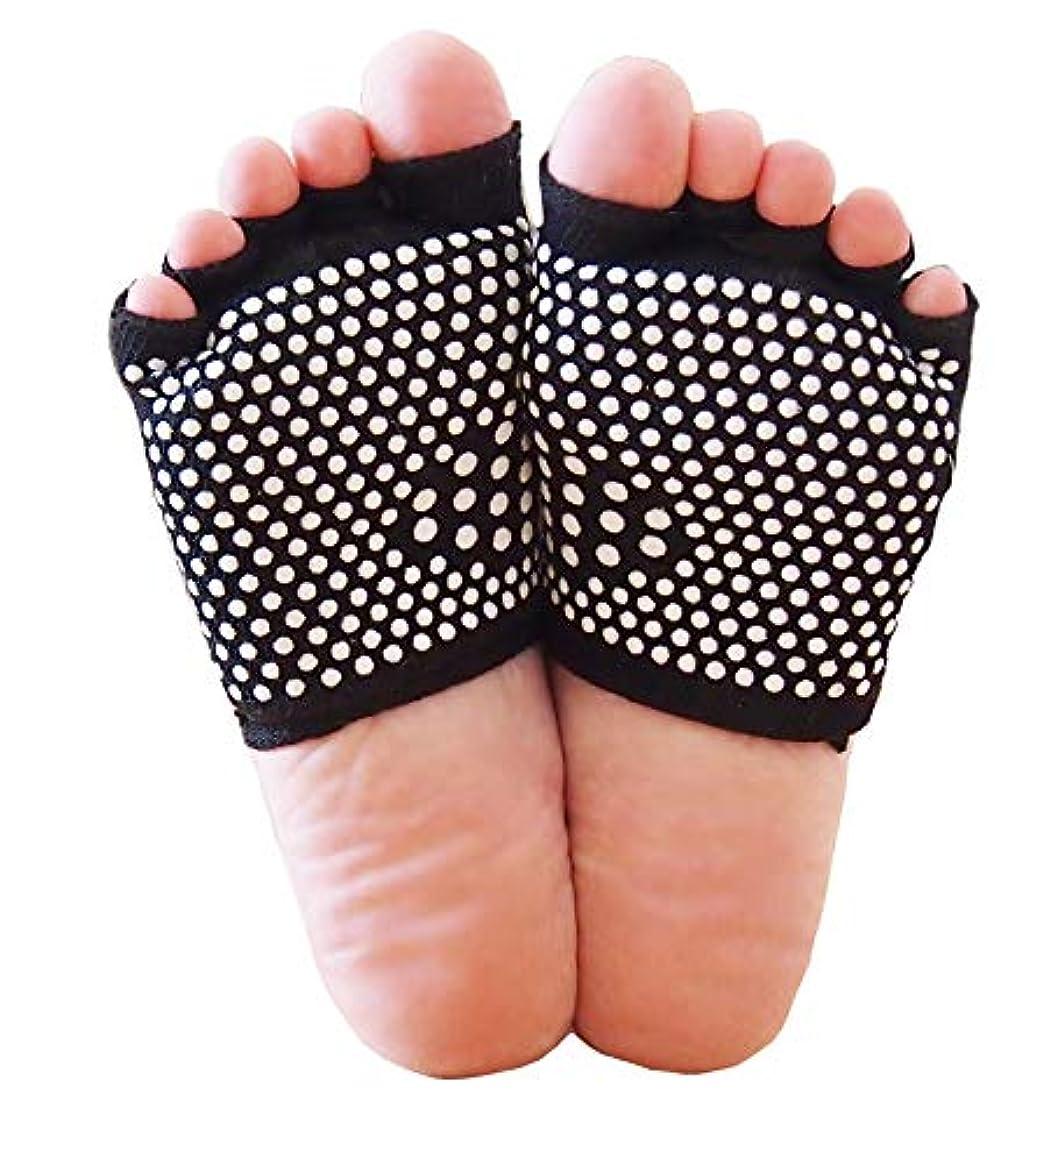 刈る報酬明らかにする足らく凹凸ソックス 足指全開ソックス ブラック